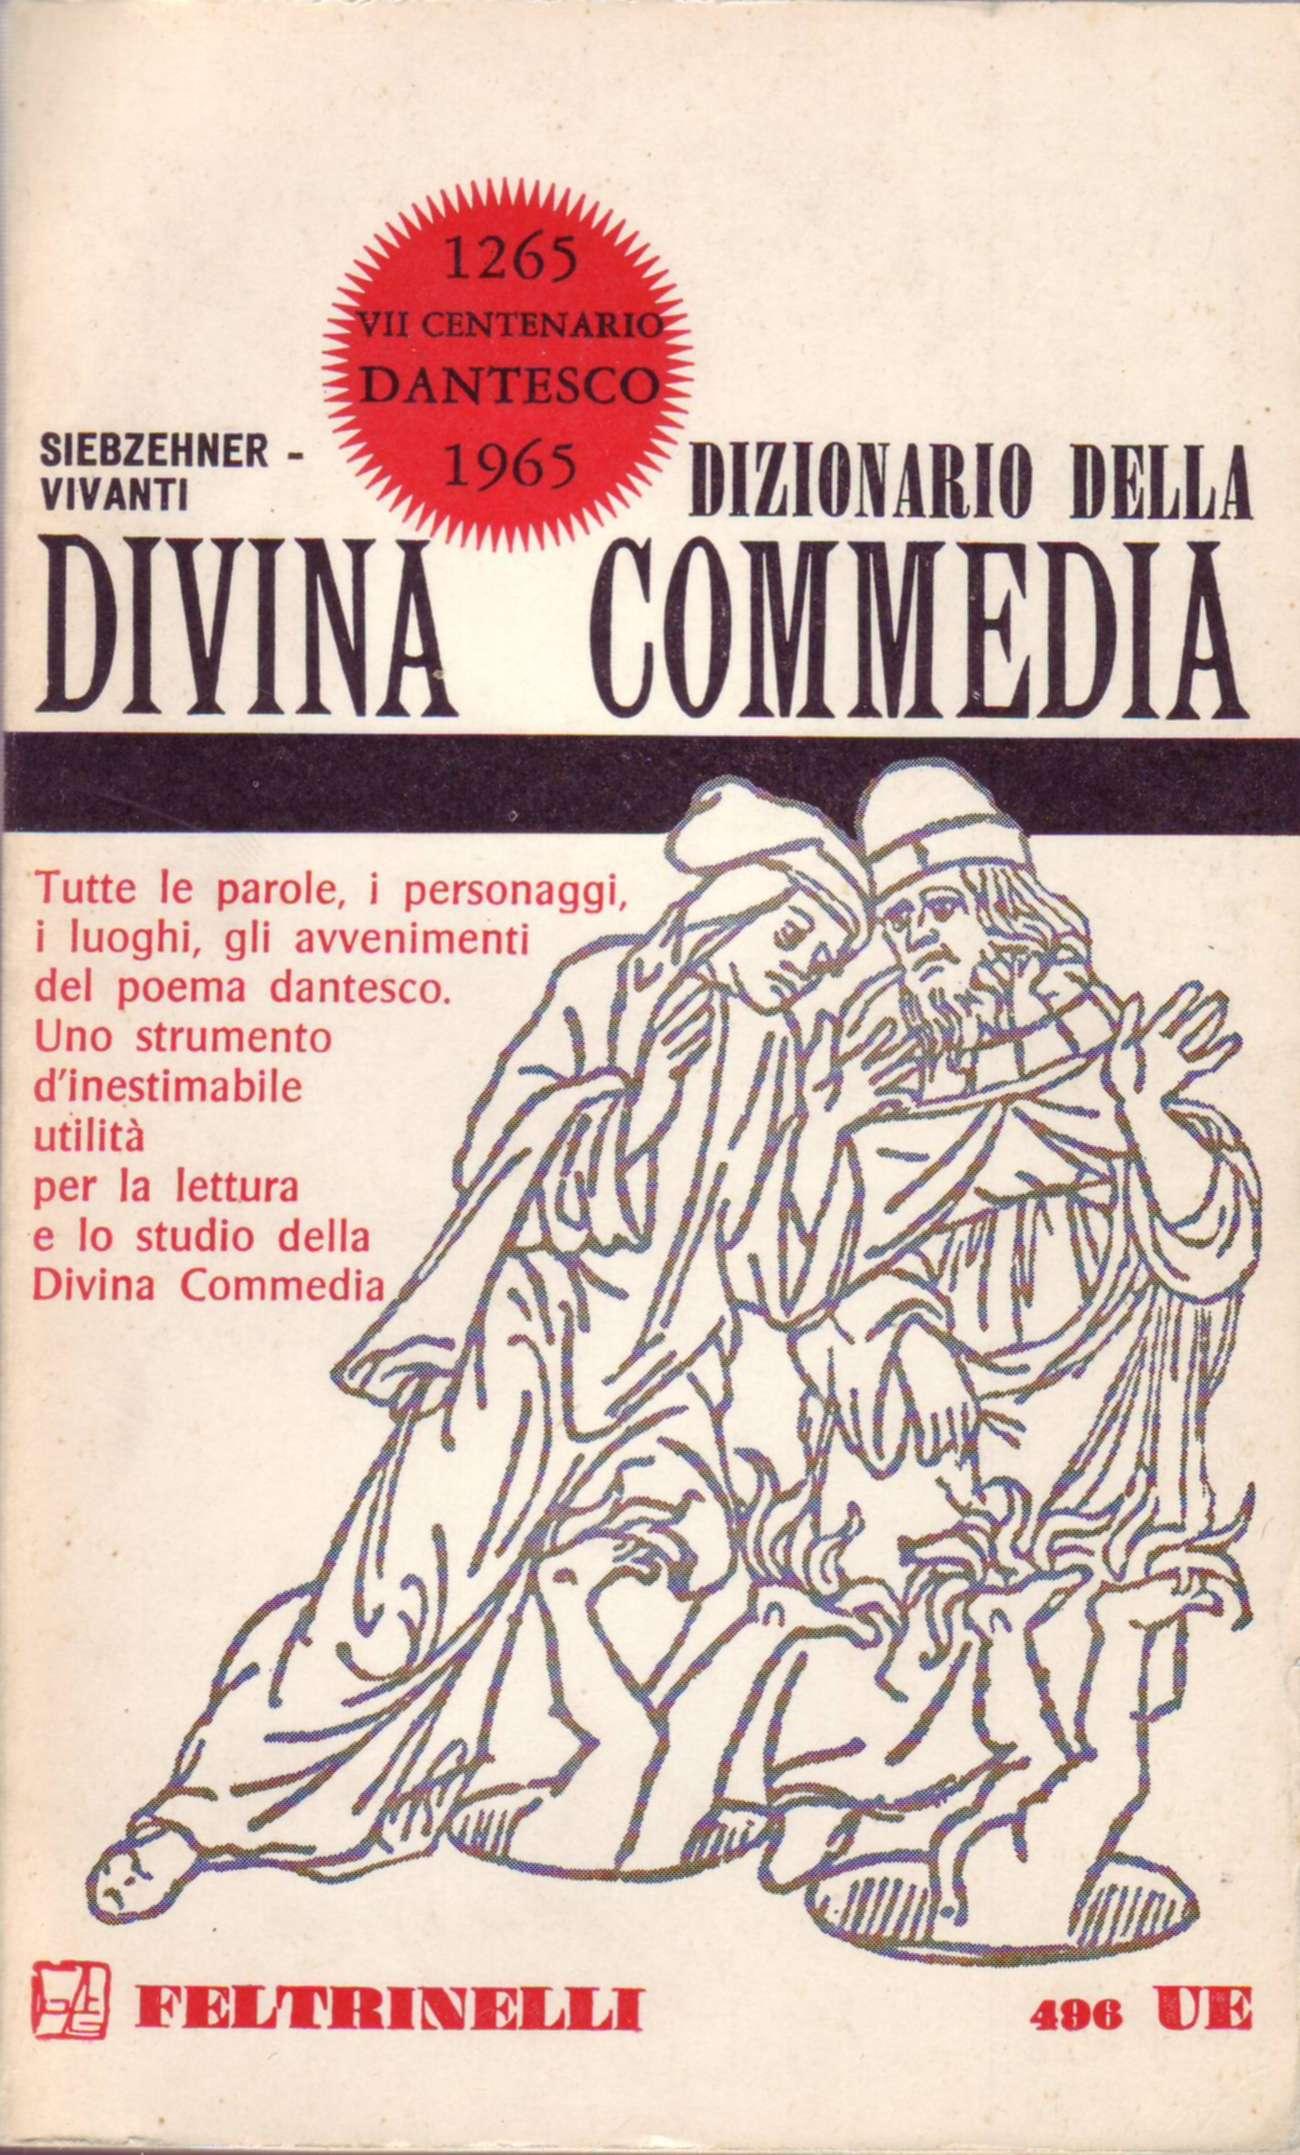 Dizionario della Divina Commedia